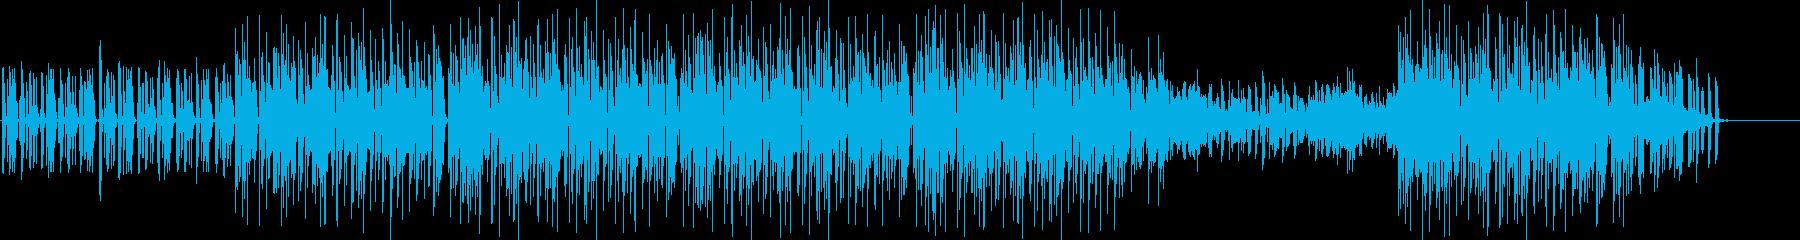 和やかで軽やかなギターチルホップの再生済みの波形